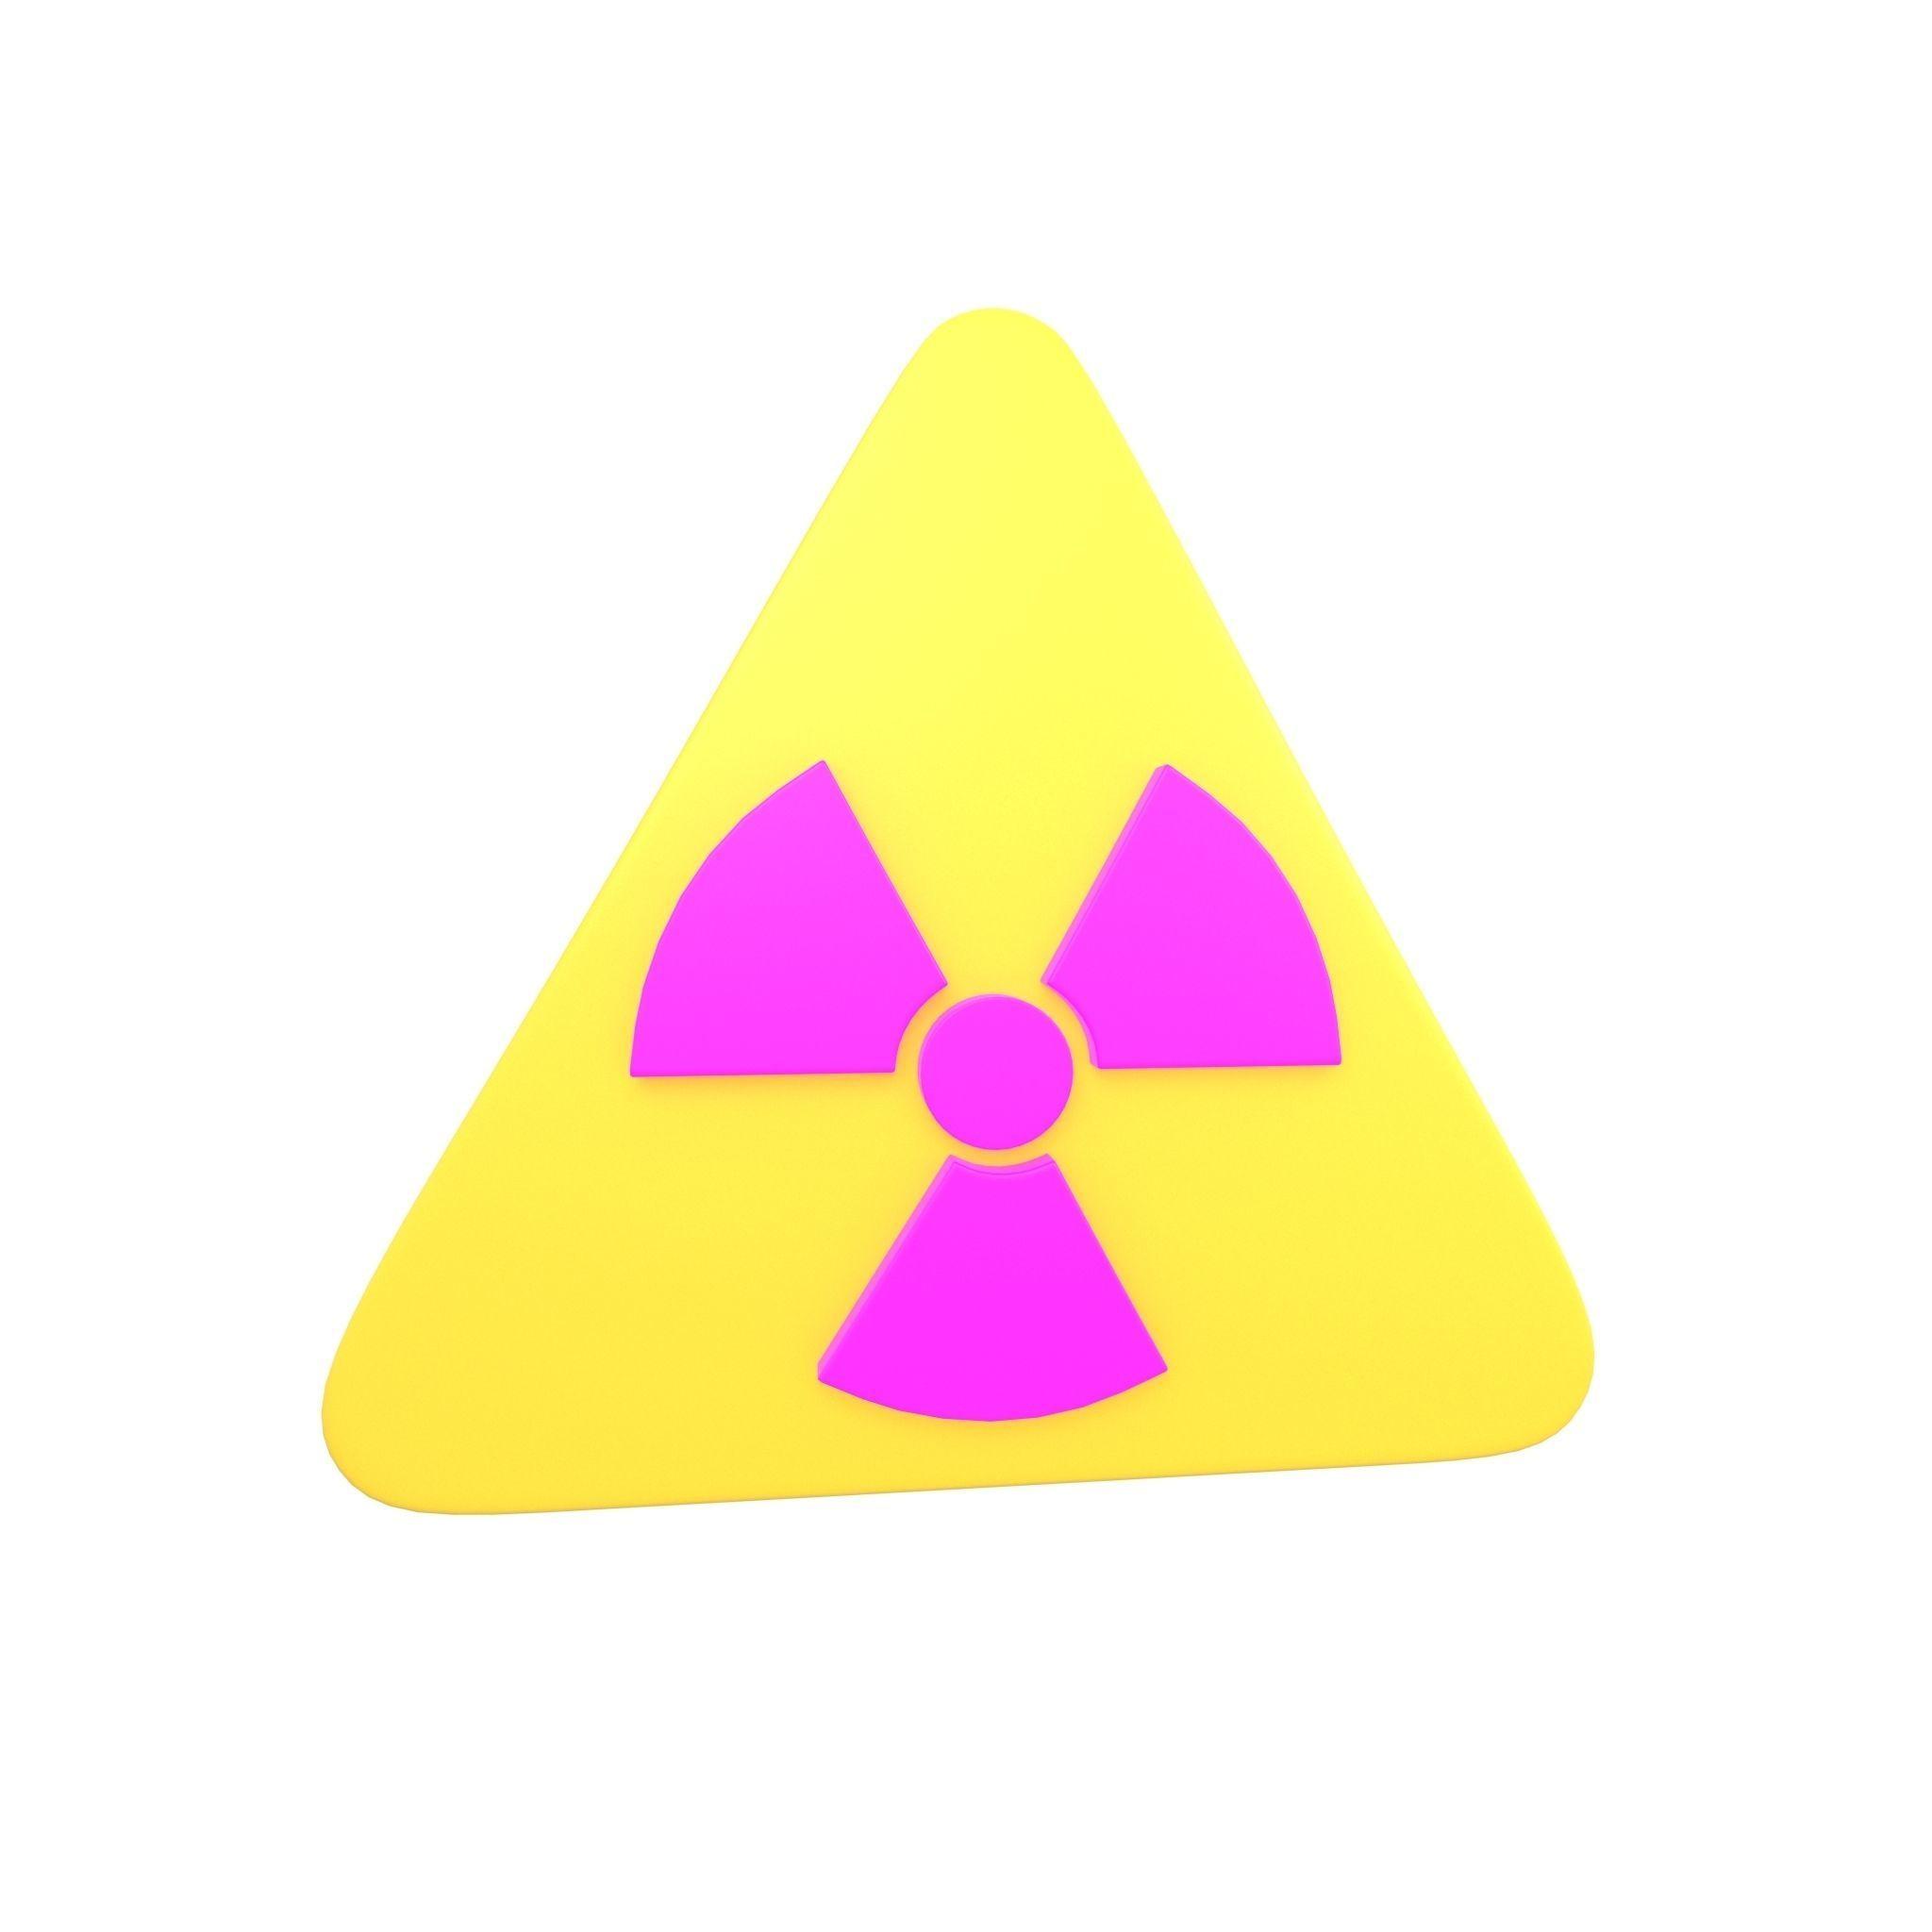 Radiation Symbol v2 003